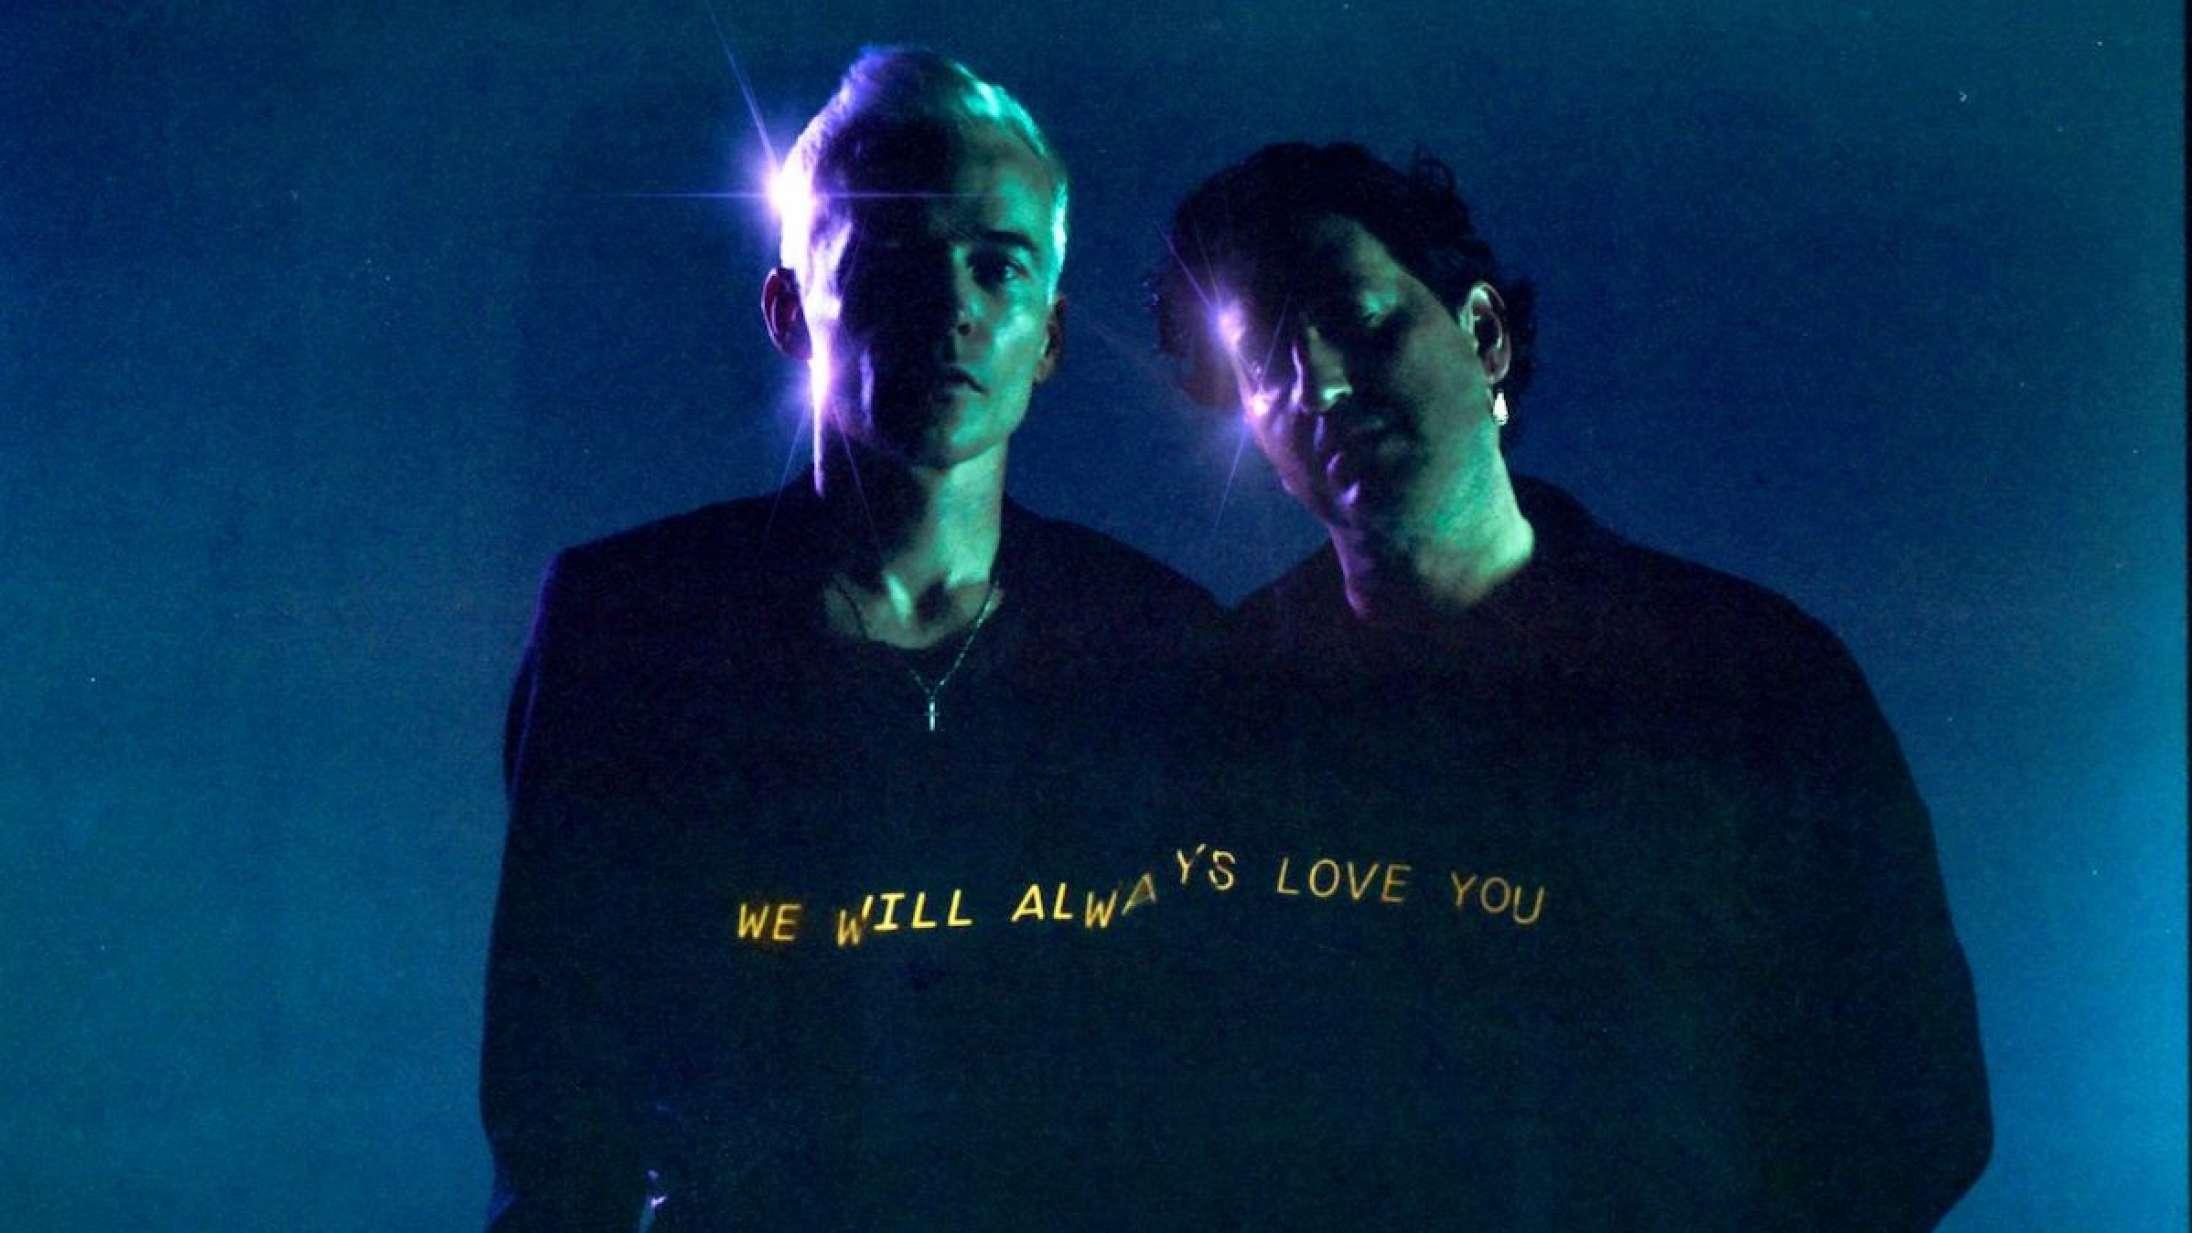 Kultduoen The Avalanches udforsker efterlivet på den neopsykedeliske 'We Will Always Love You'